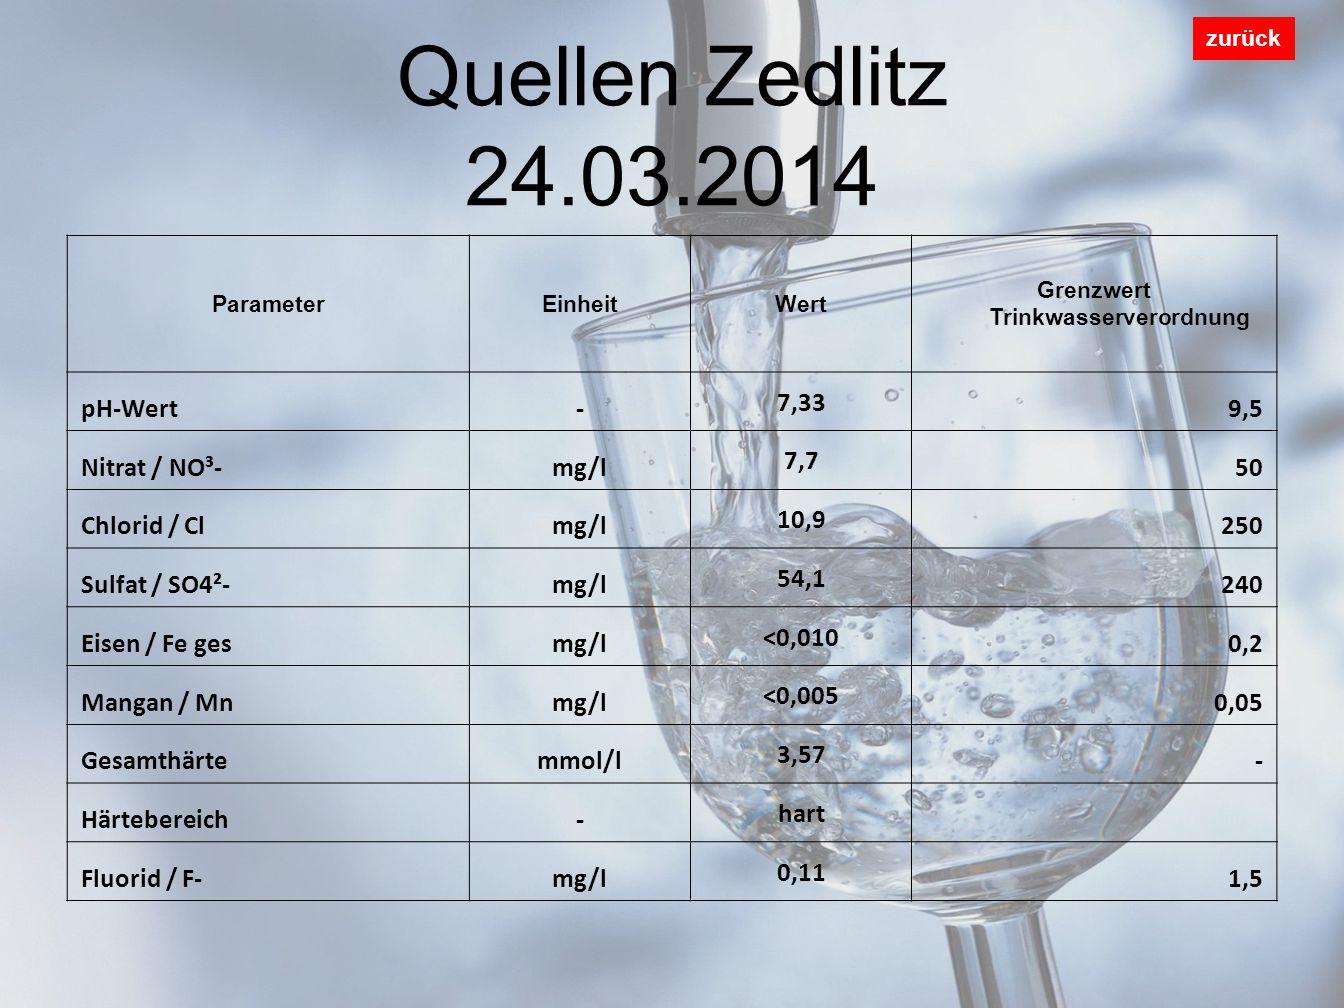 Quellen Zedlitz 24.03.2014 zurück ParameterEinheitWert Grenzwert Trinkwasserverordnung pH-Wert- 7,33 9,5 Nitrat / NO³-mg/l 7,7 50 Chlorid / Clmg/l 10,9 250 Sulfat / SO4²-mg/l 54,1 240 Eisen / Fe gesmg/l <0,010 0,2 Mangan / Mnmg/l <0,005 0,05 Gesamthärtemmol/l 3,57 - Härtebereich- hart Fluorid / F-mg/l 0,11 1,5